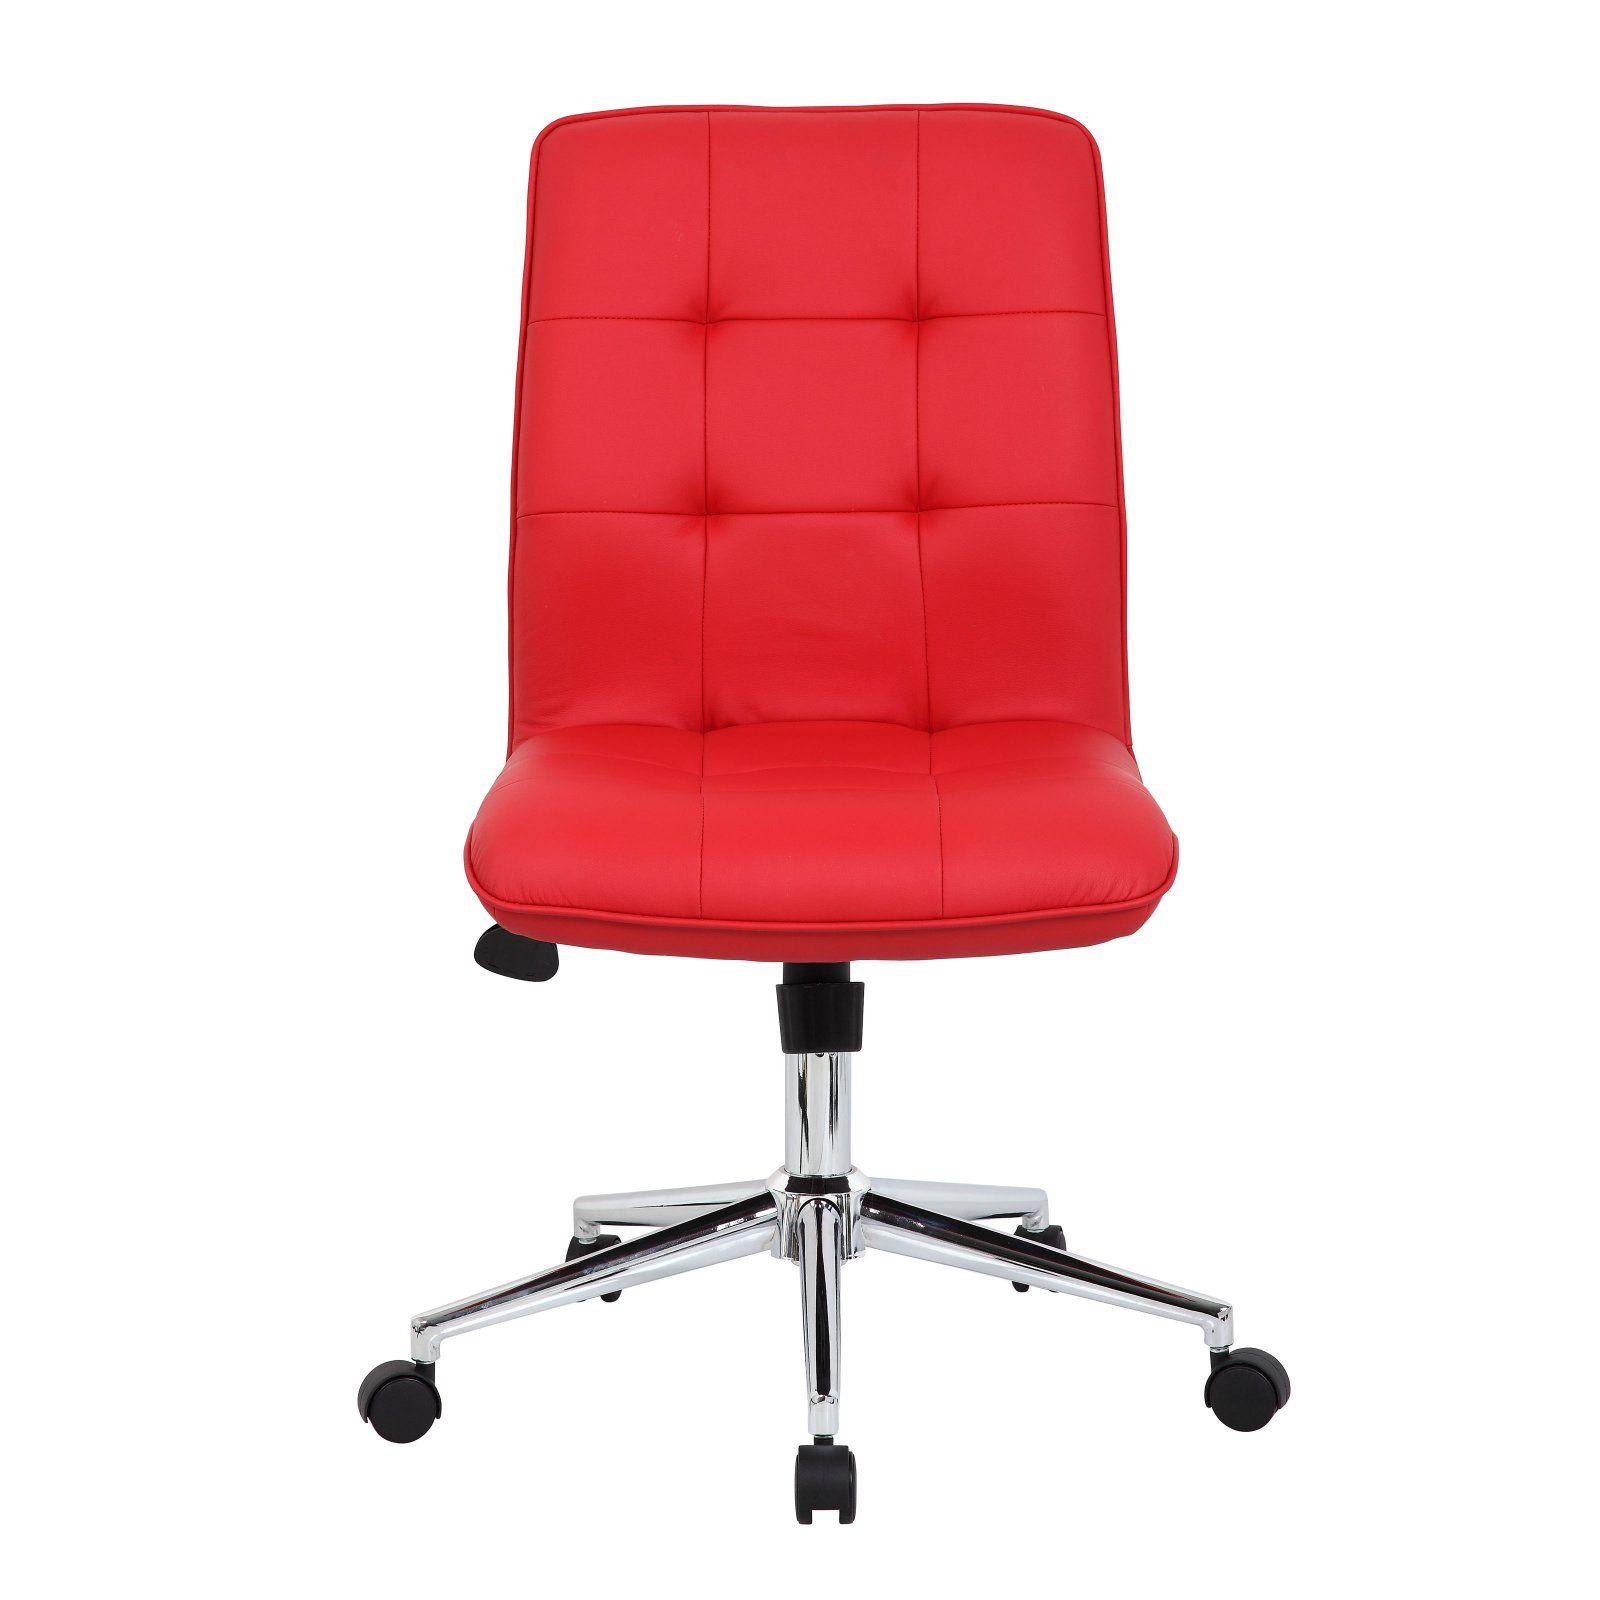 Boss Modern Office Chair Red Ergonomic Office Chair Best Office Chair Home Office Furniture